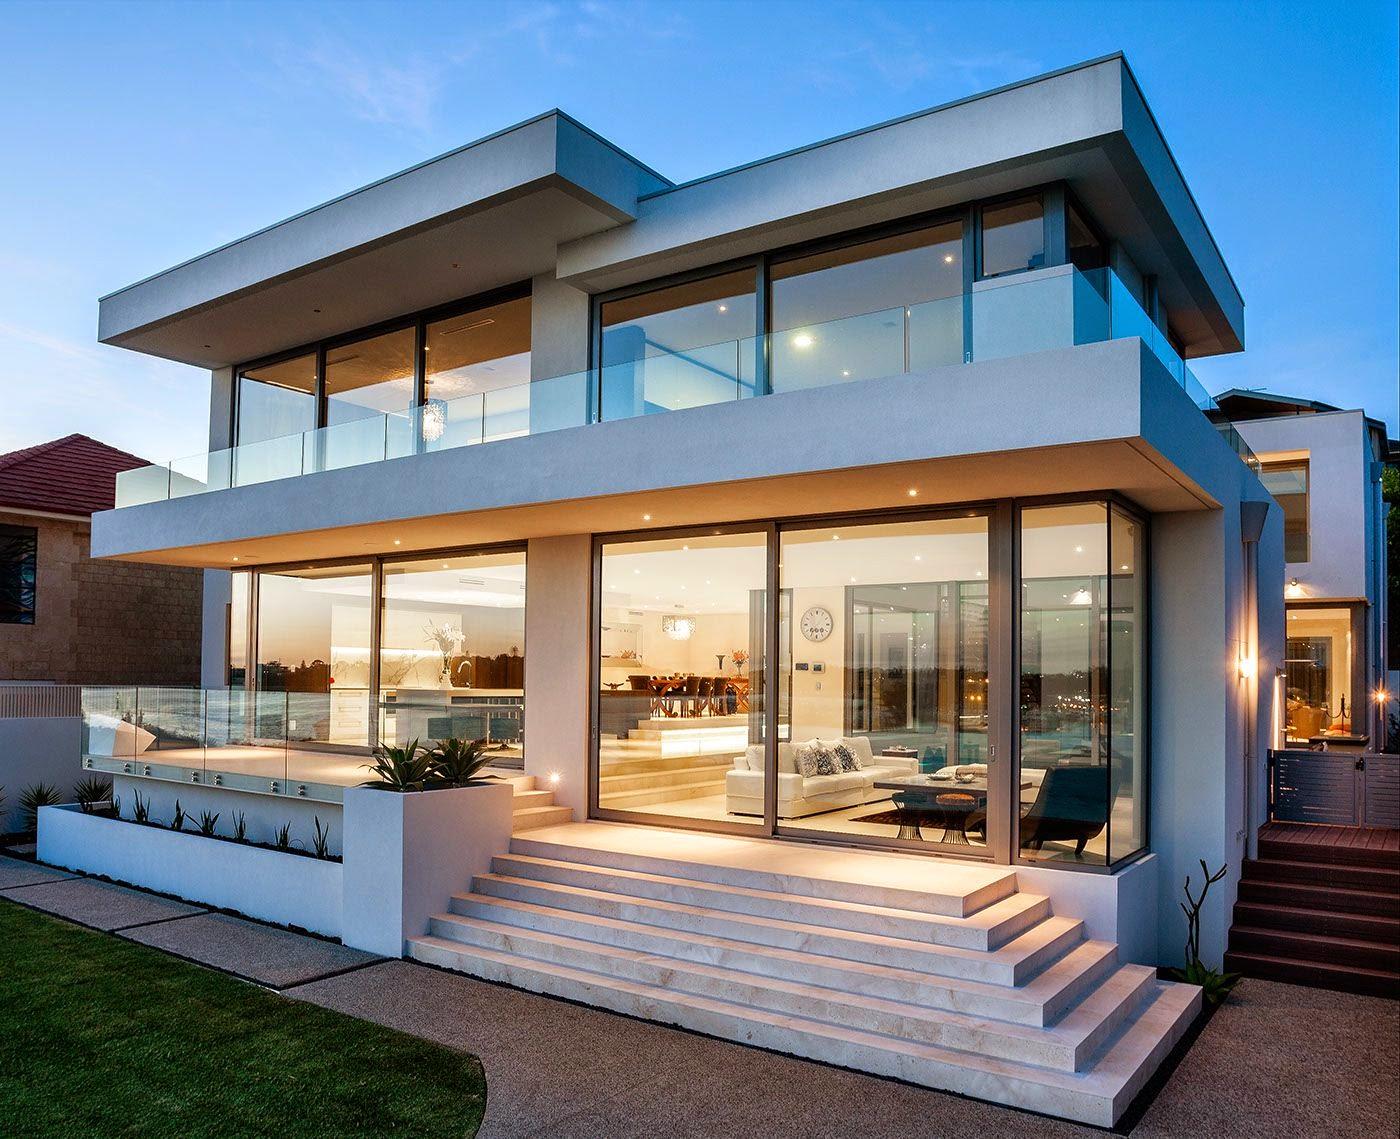 Hogares frescos relajada y acogedora moderna casa de la for Casa moderna 11